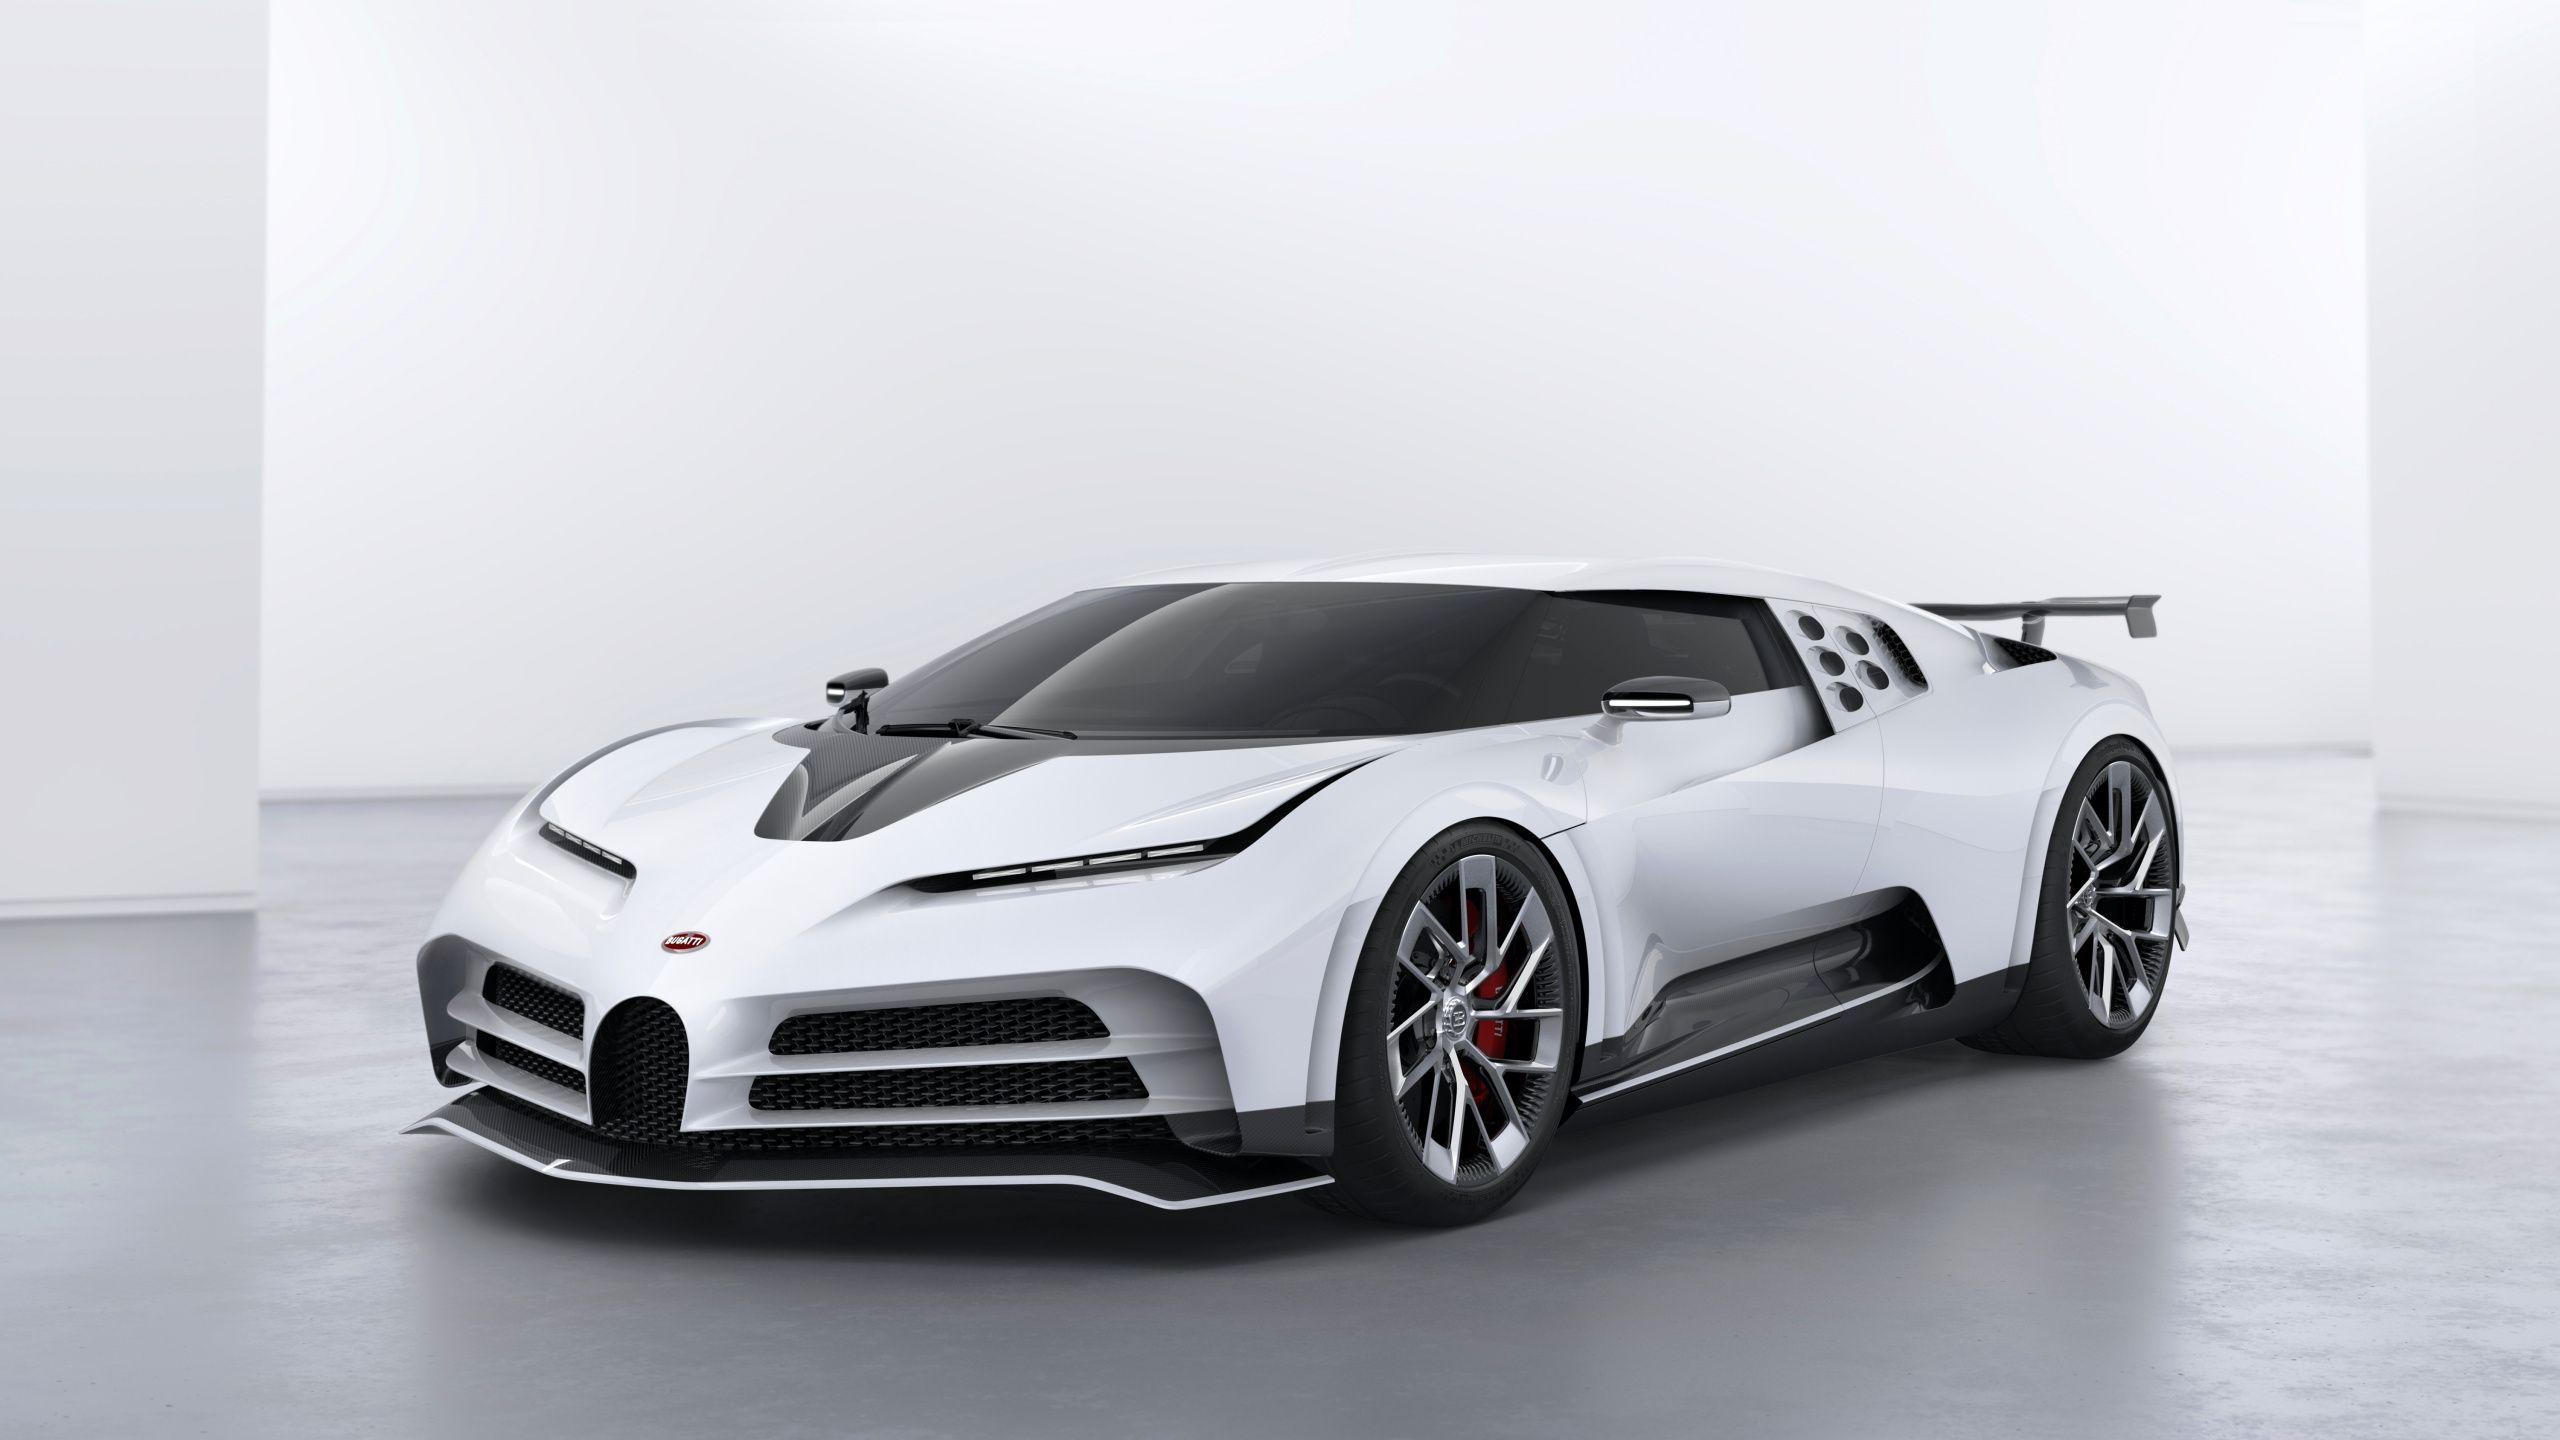 2560x1440 Bugatti Centodieci Sports Car 2019 Wallpaper Super